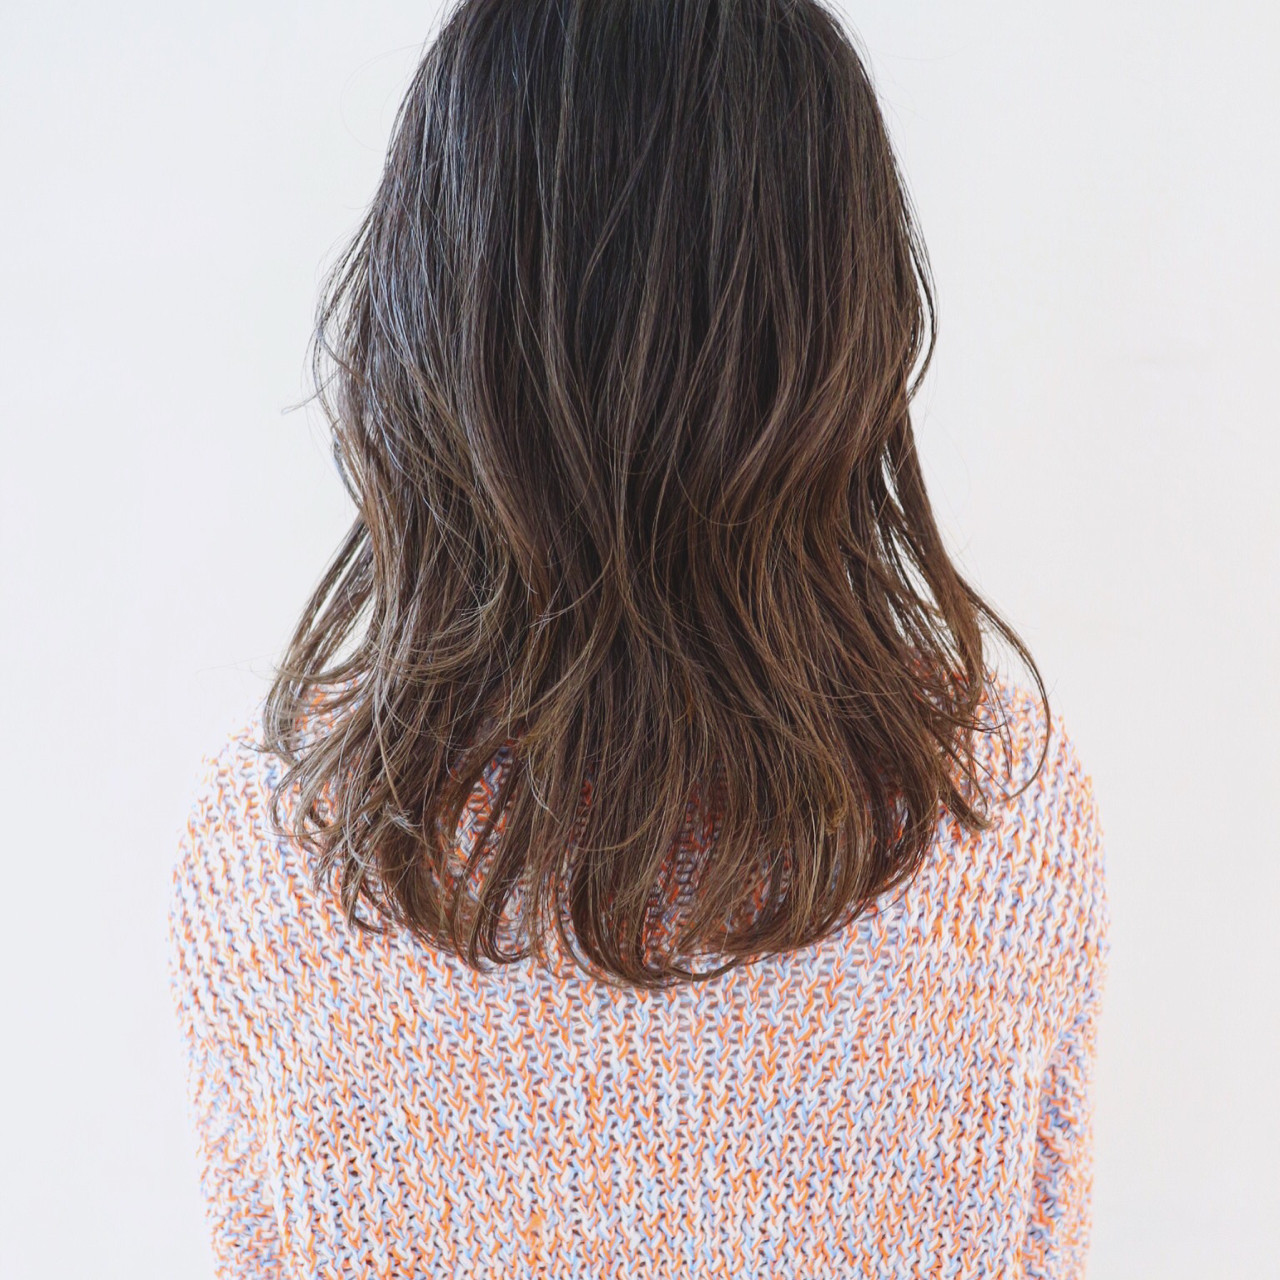 デート フェミニン バレイヤージュ グレージュ ヘアスタイルや髪型の写真・画像